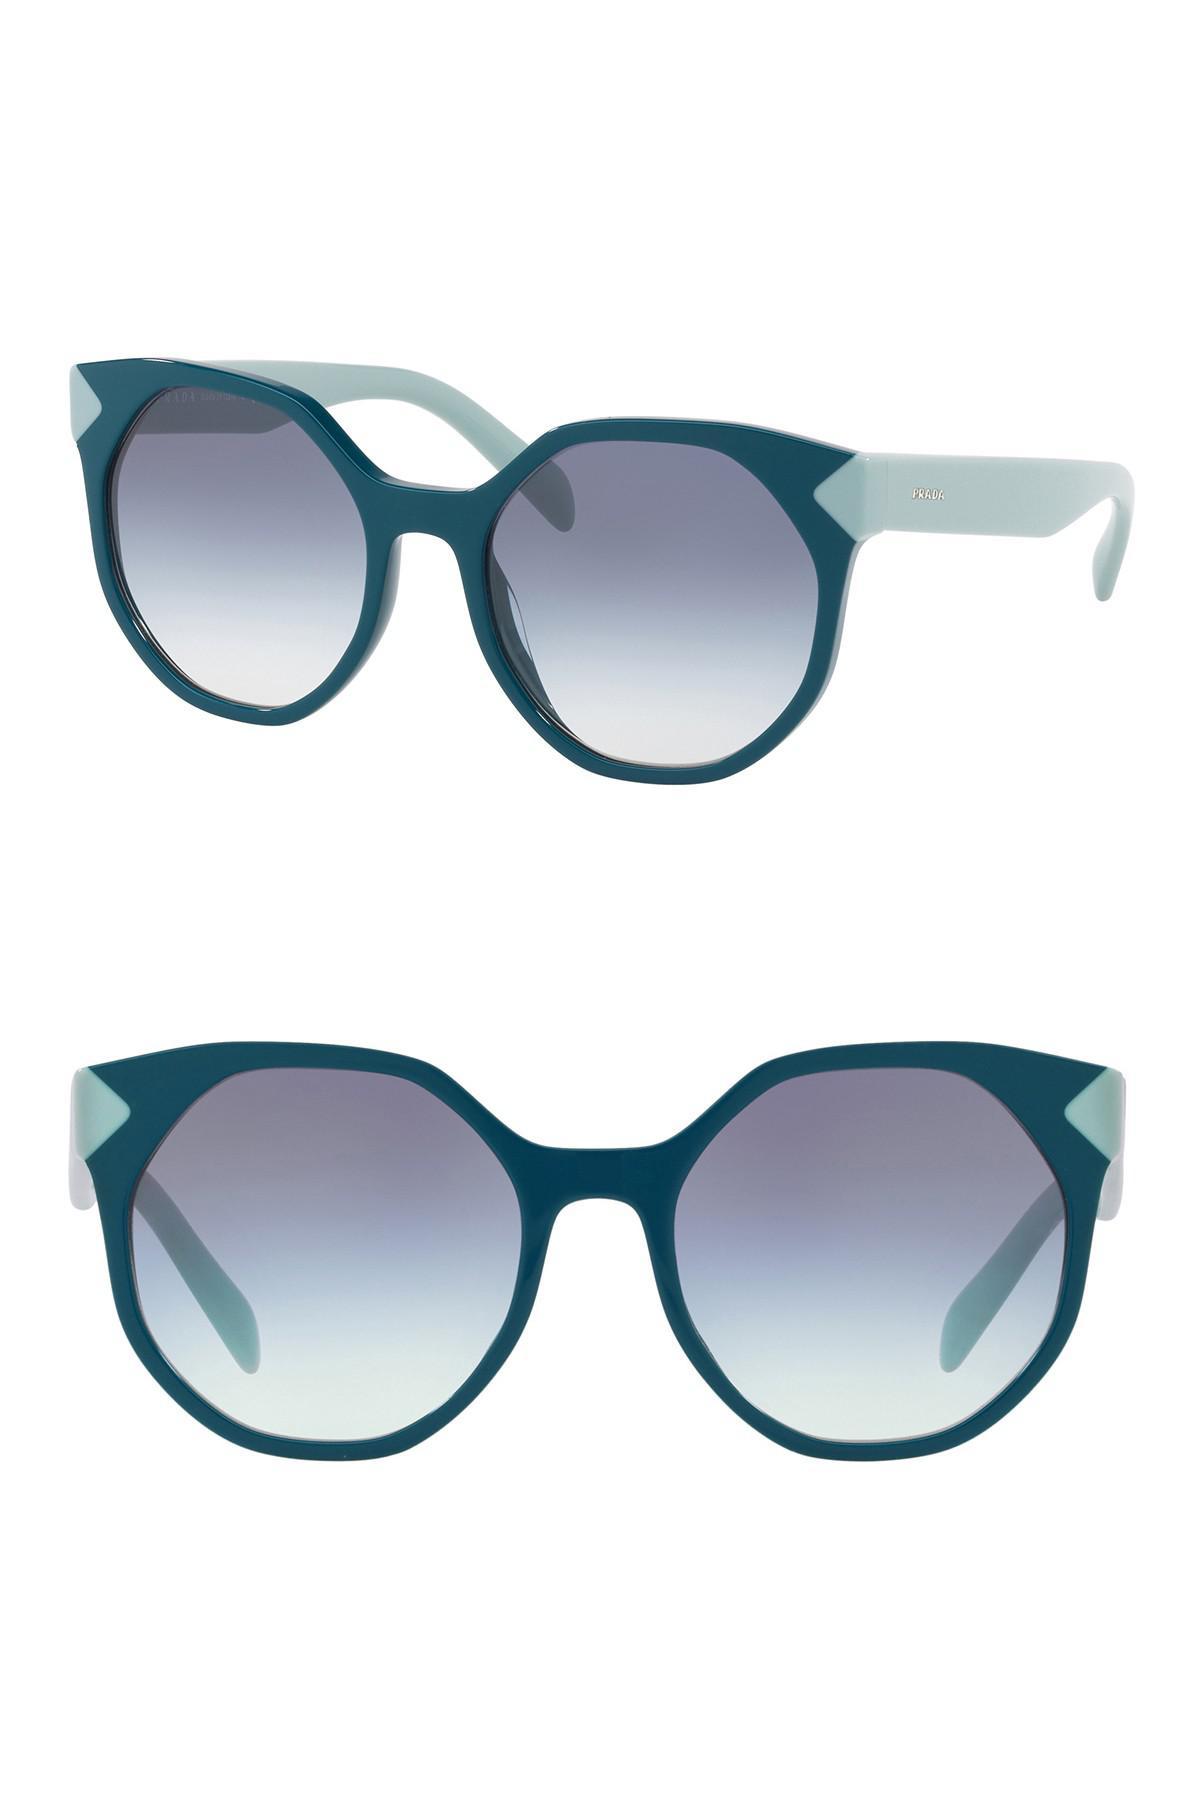 d5988d0e1e09a Prada 55mm Geo Round Cat Eye Sunglasses in Green - Lyst